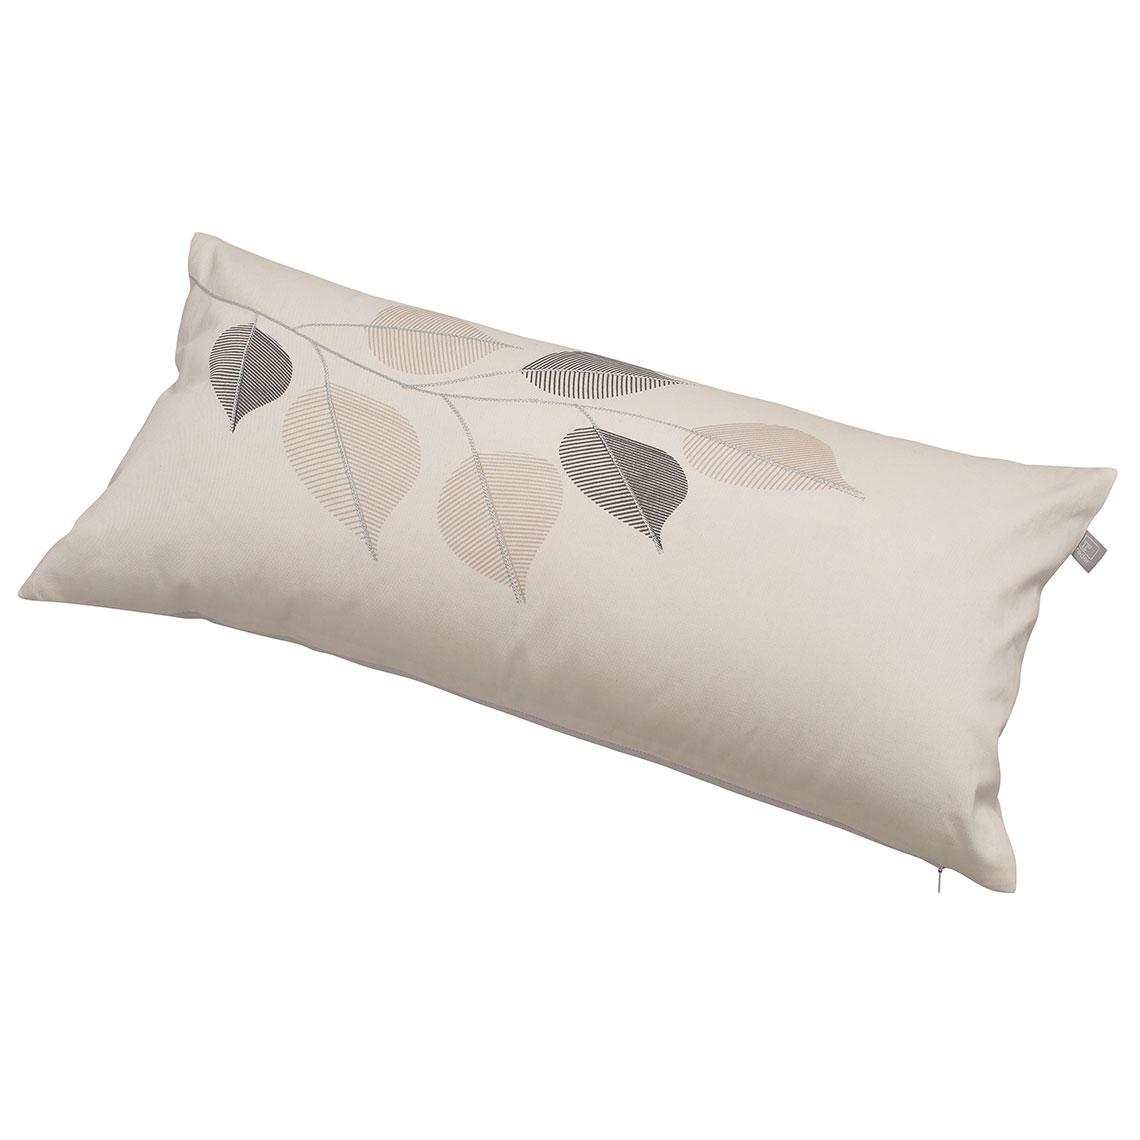 r der online shop kissen bl tter online kaufen. Black Bedroom Furniture Sets. Home Design Ideas